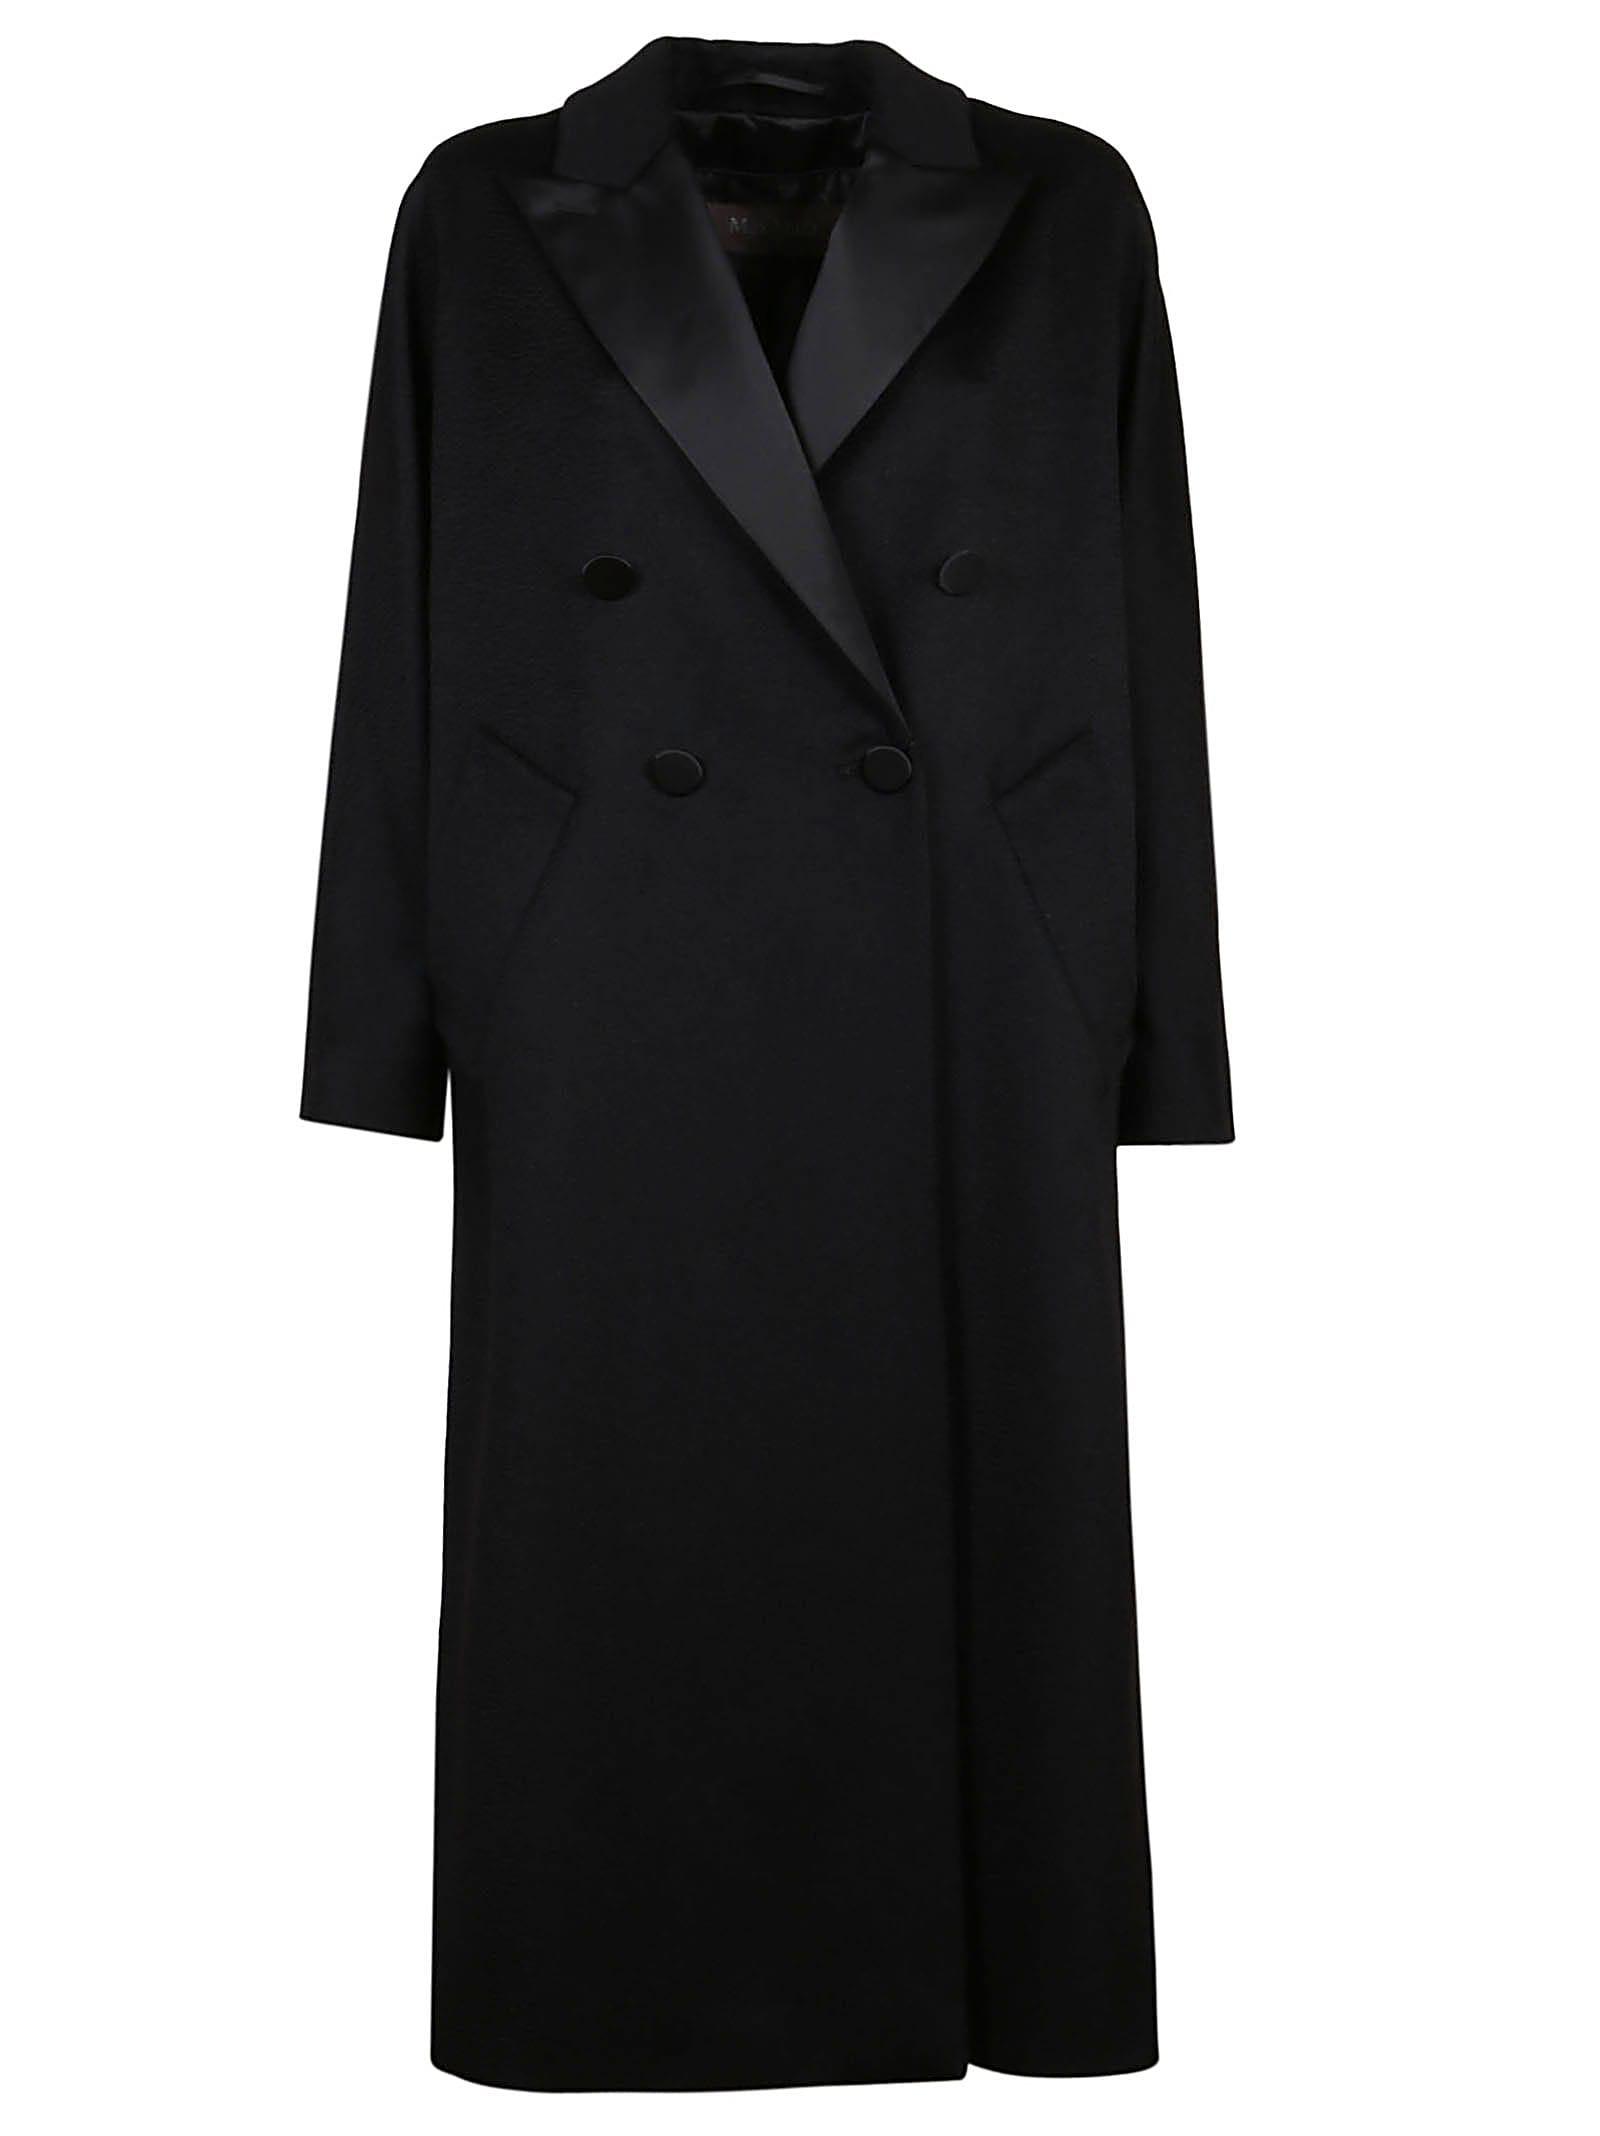 Black Camel Coat